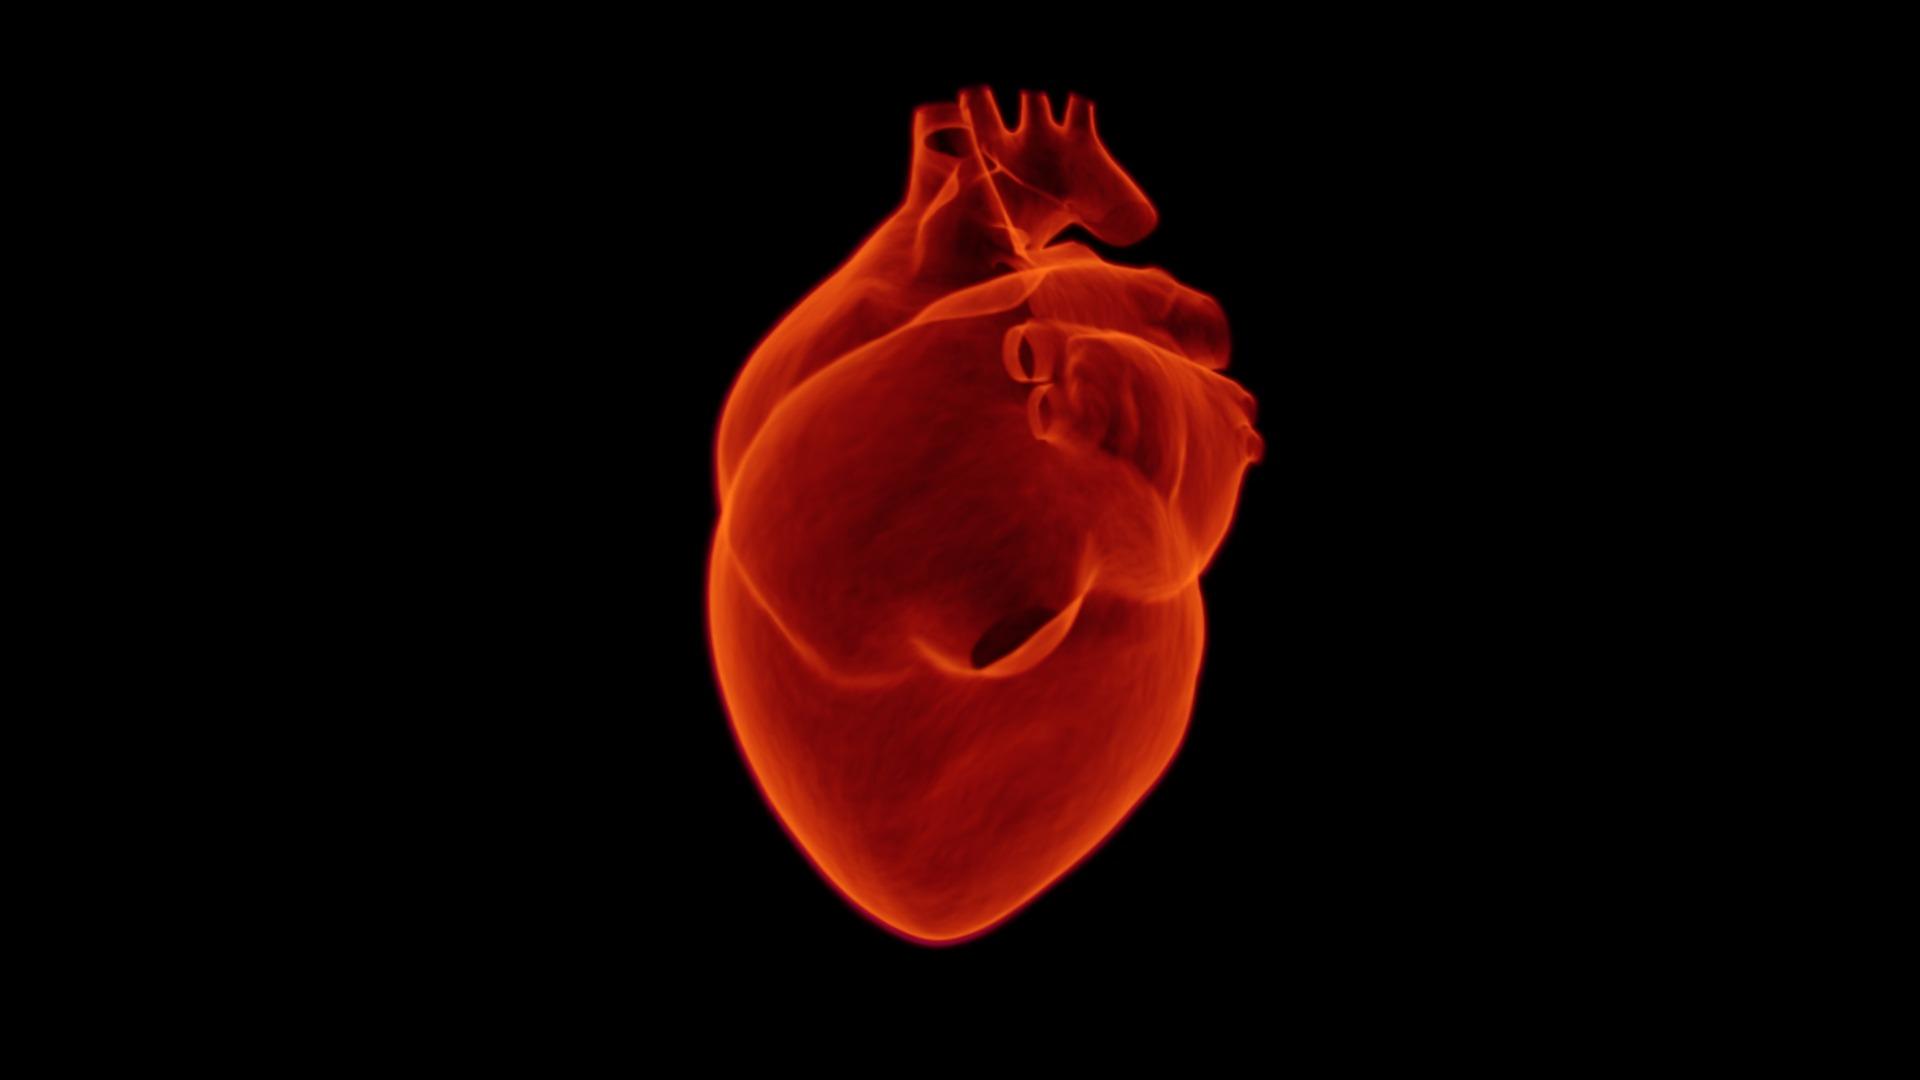 heart-1767552_1920.jpg